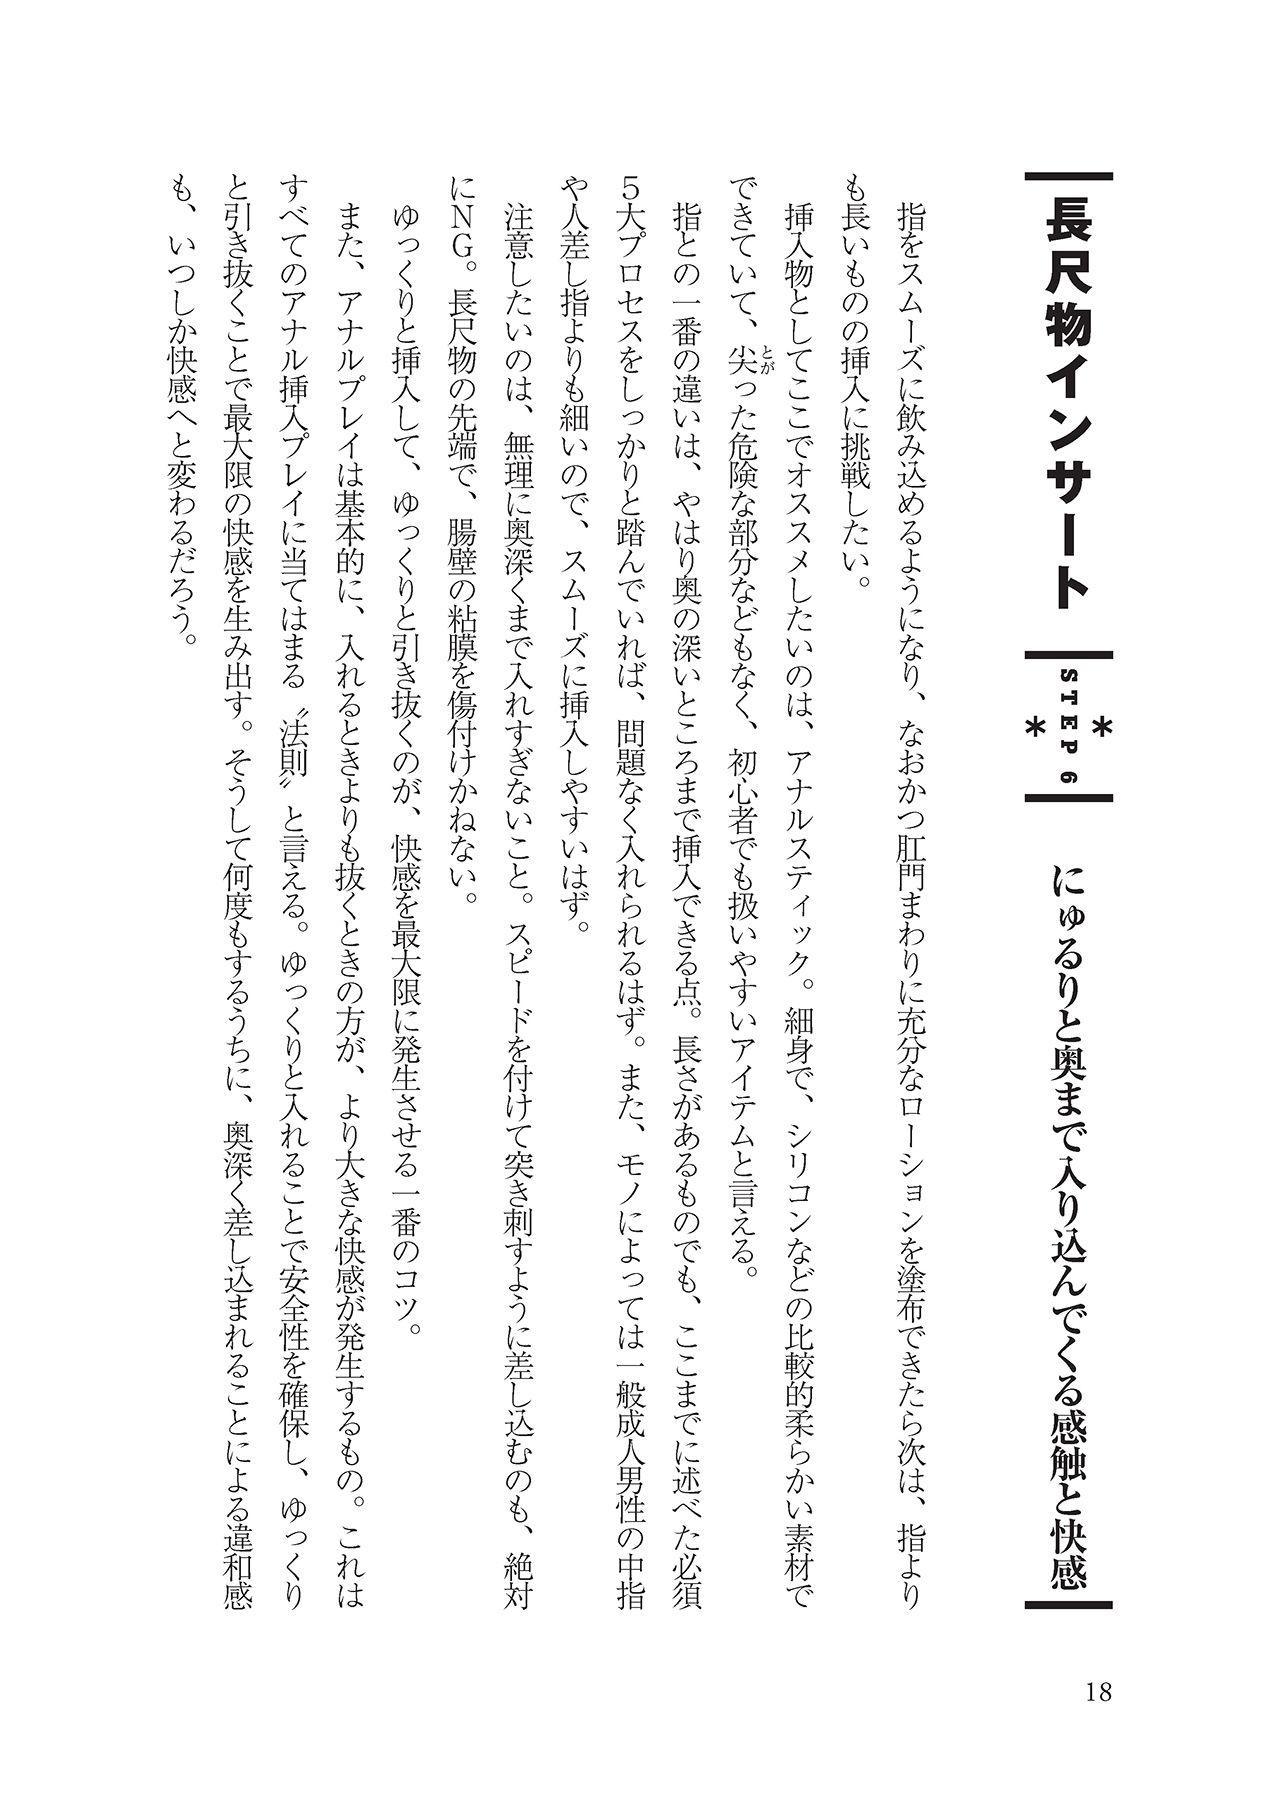 アナル性感開発・お尻エッチ 完全マニュアル 19